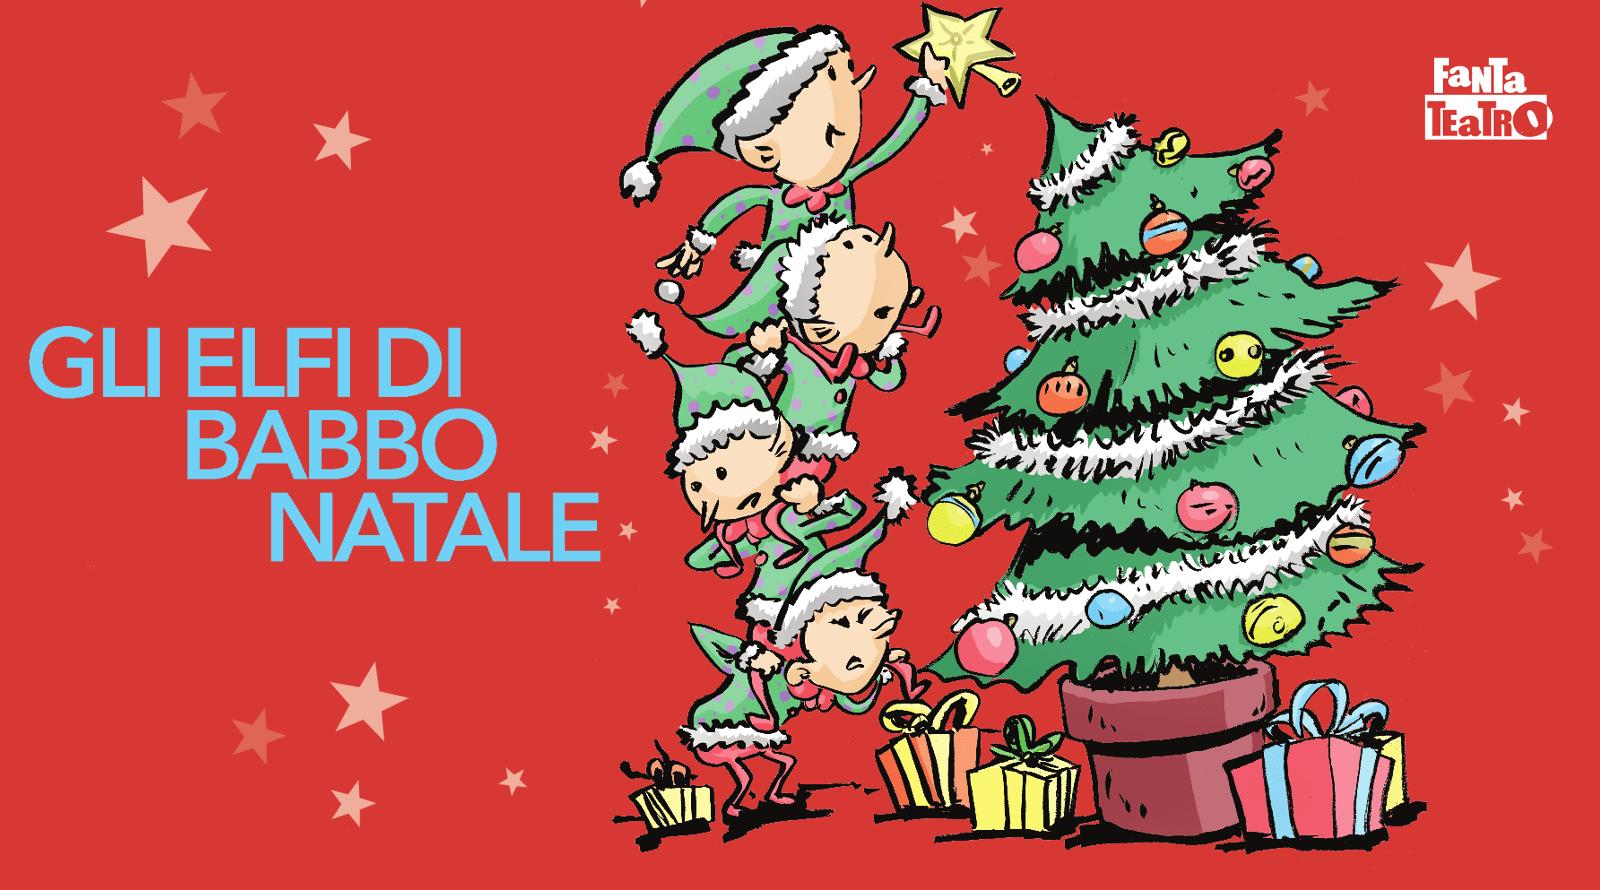 Babbo Natale E Gli Elfi.6 1 Gli Elfi Di Babbo Natale Modena Fantateatro